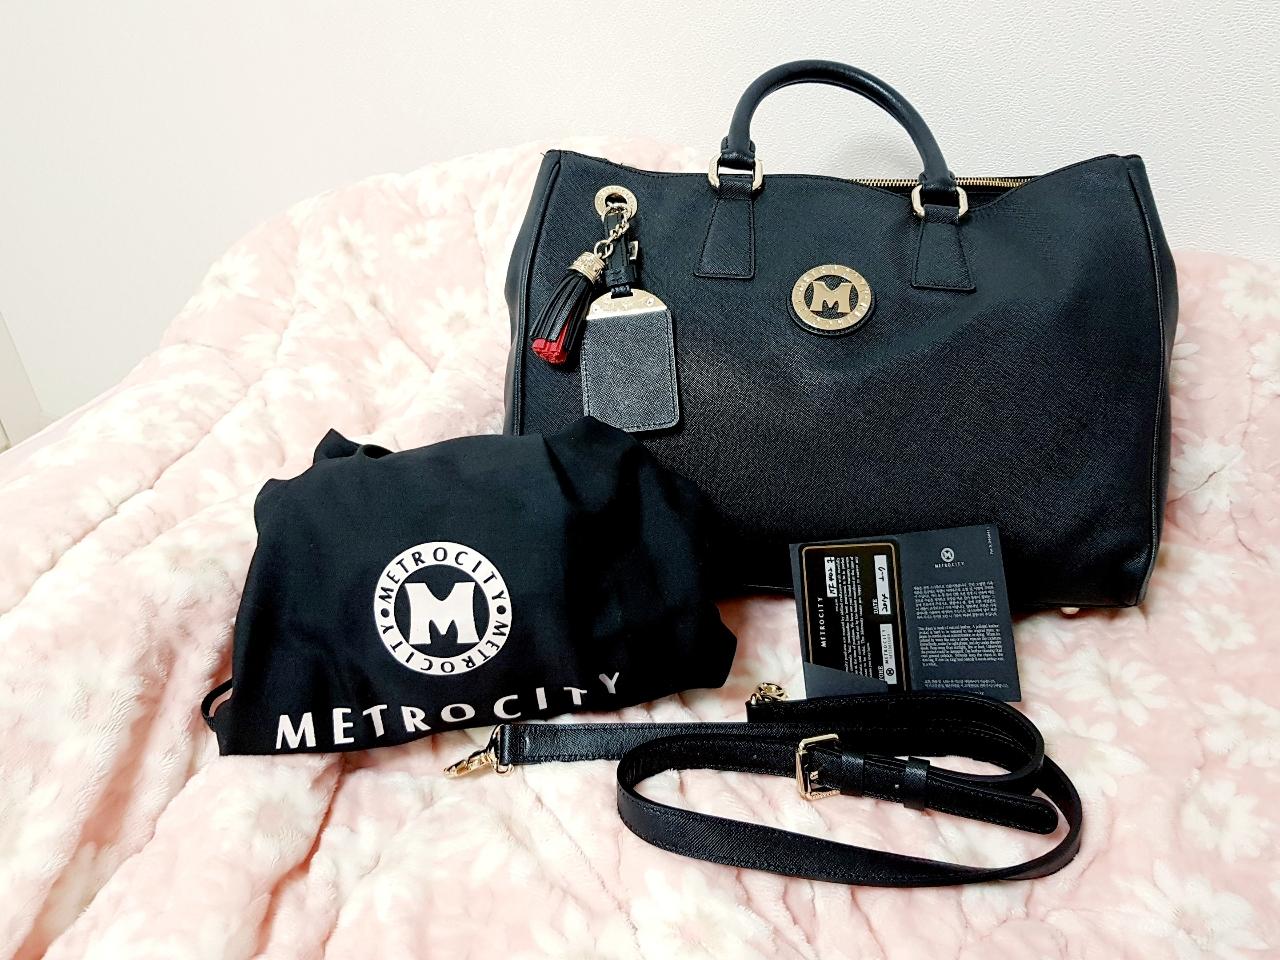 매트로시티 가방